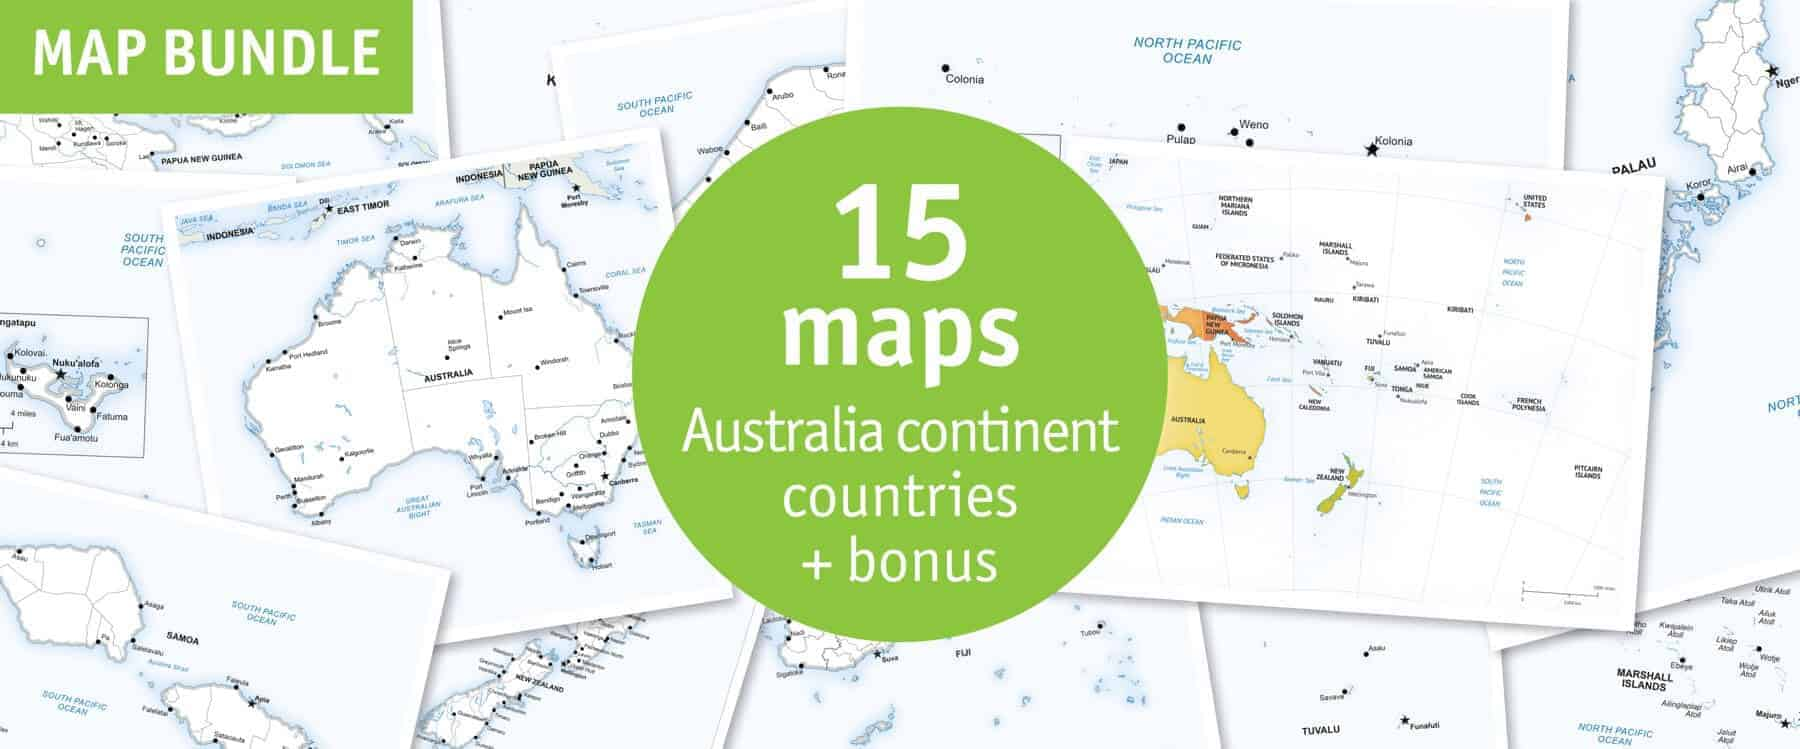 Australia Continent Countries 15 MAPS Bundle Discount